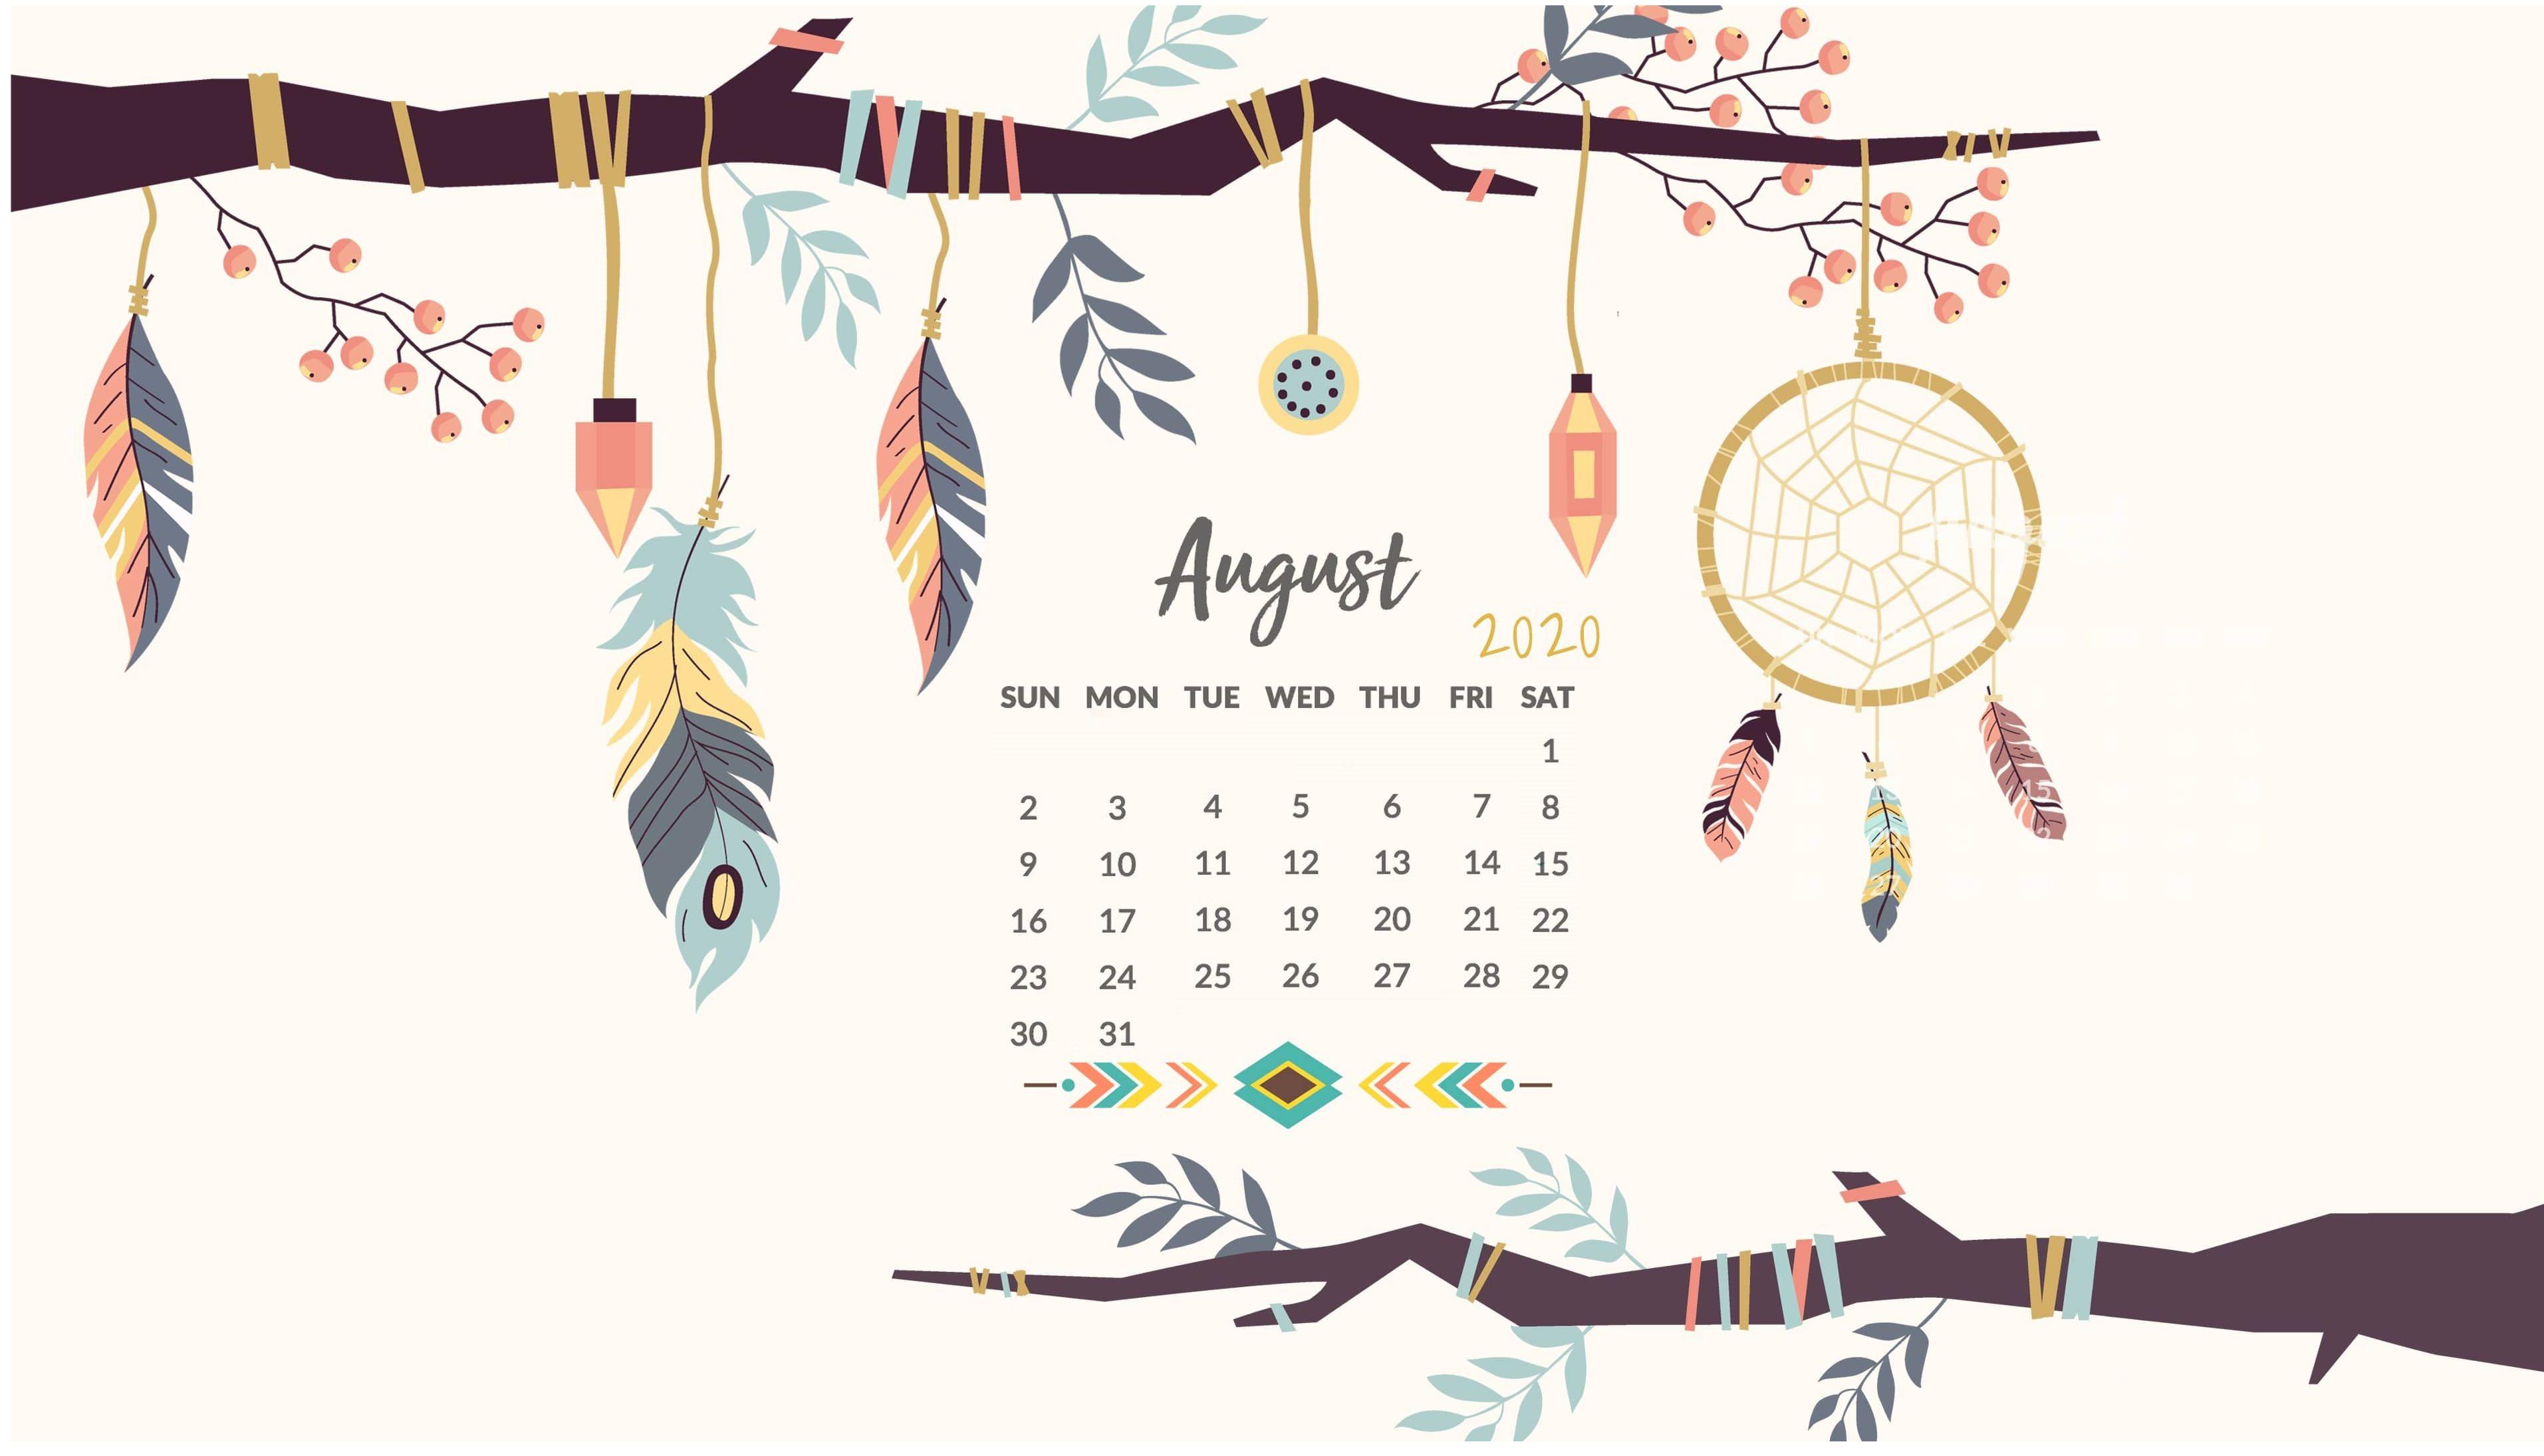 August 2020 Desktop Calendar Wallpaper Calendar wallpaper 3826x2190